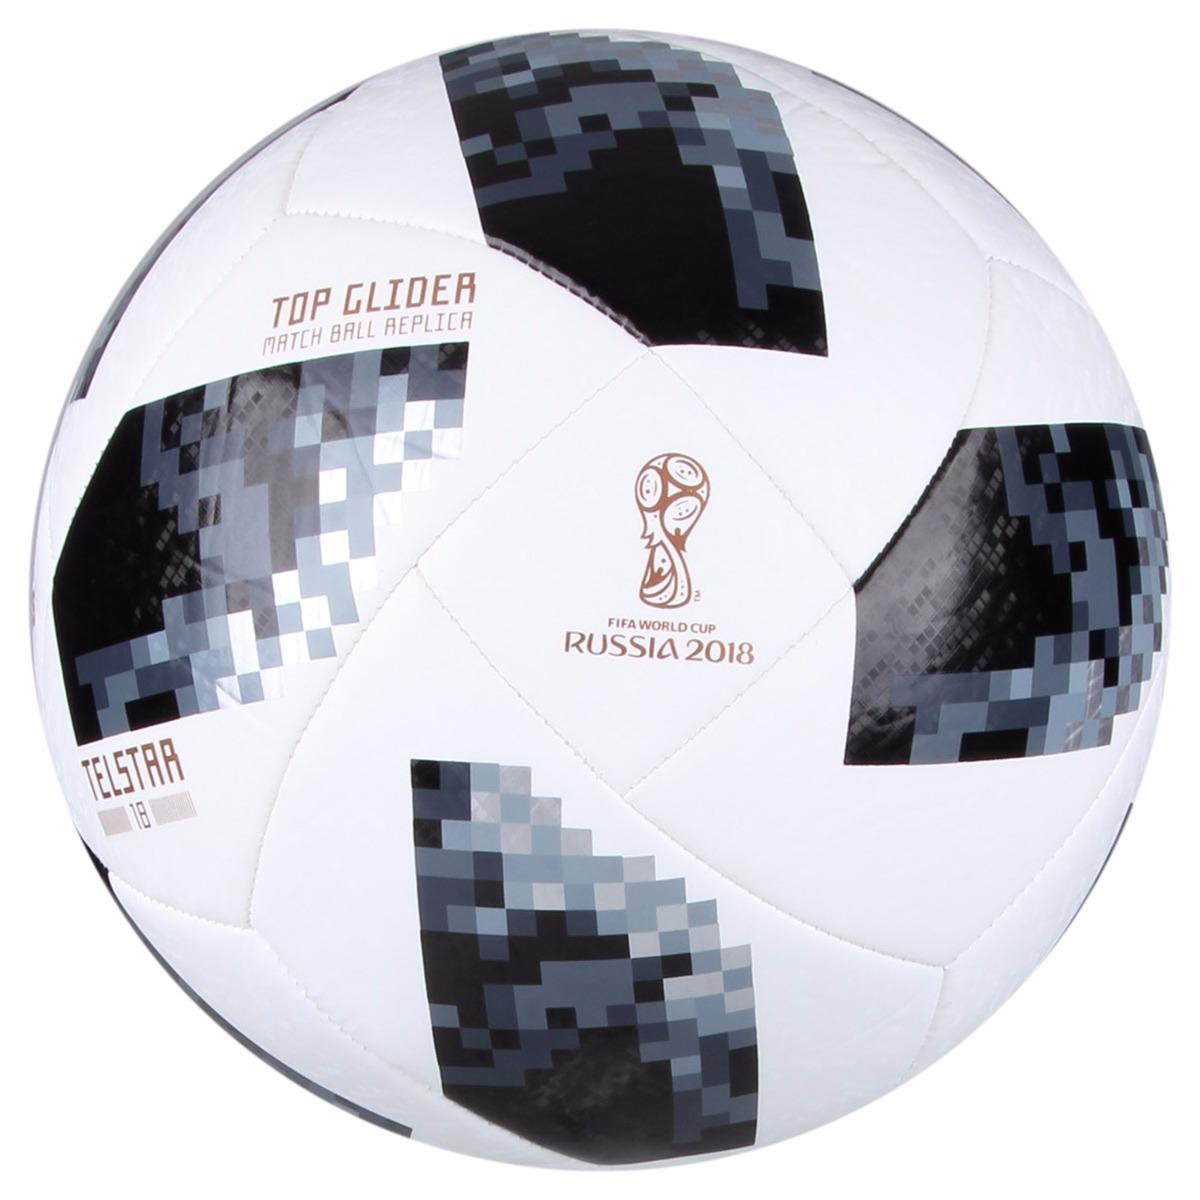 94e2a1ec2f49d bola futebol campo adidas telstar 18 top glider copa do mund. Carregando  zoom.